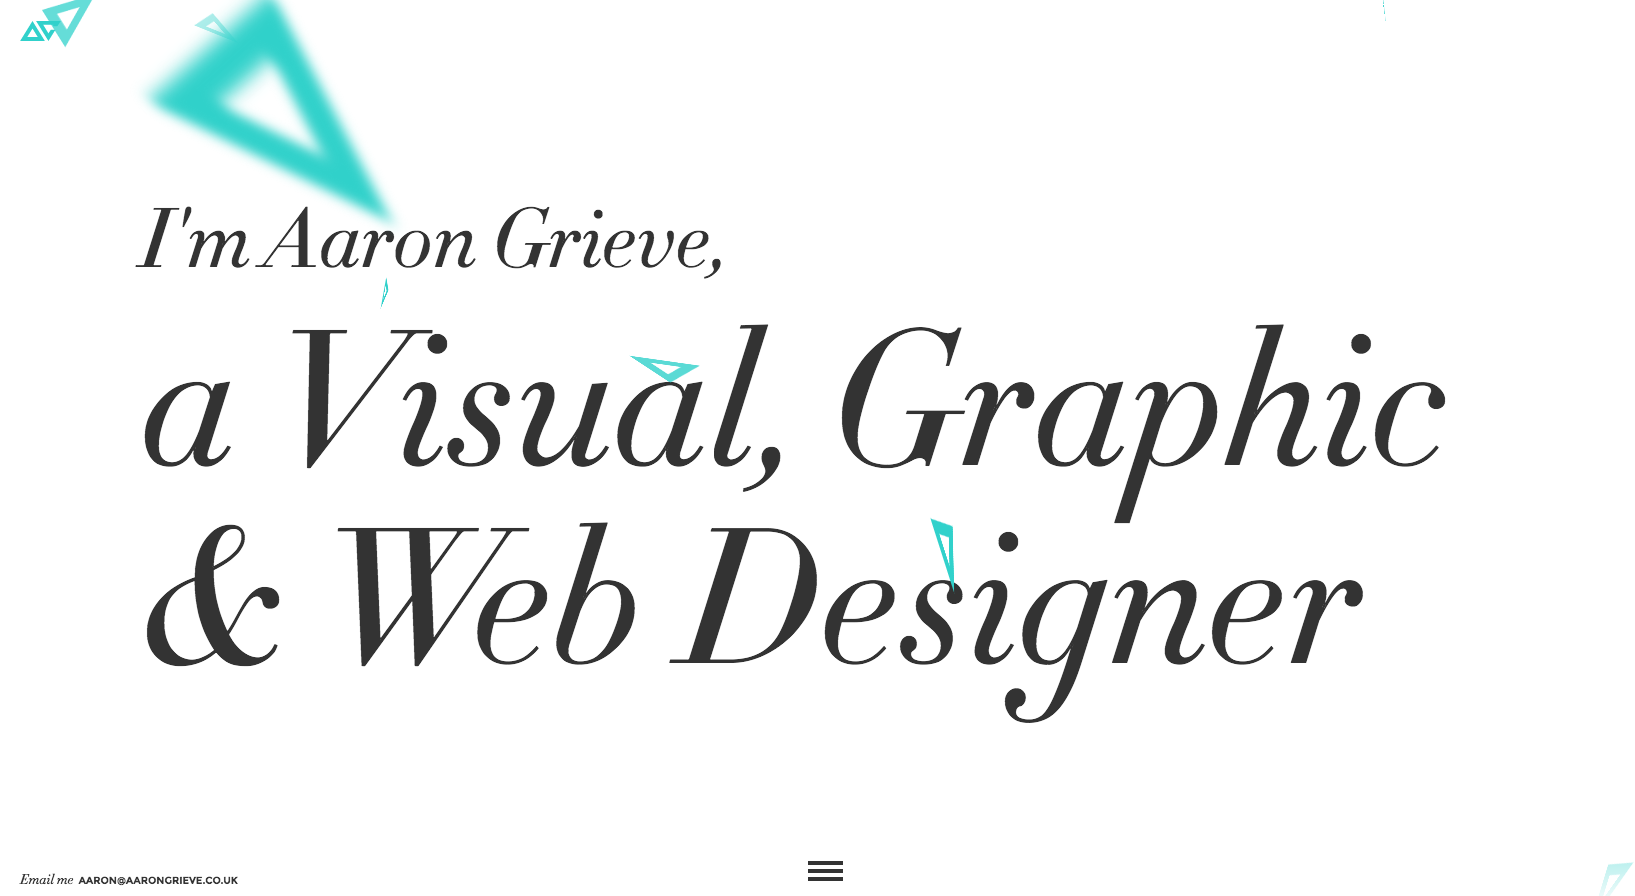 The homepage of Aaron Grieve's portfolio website